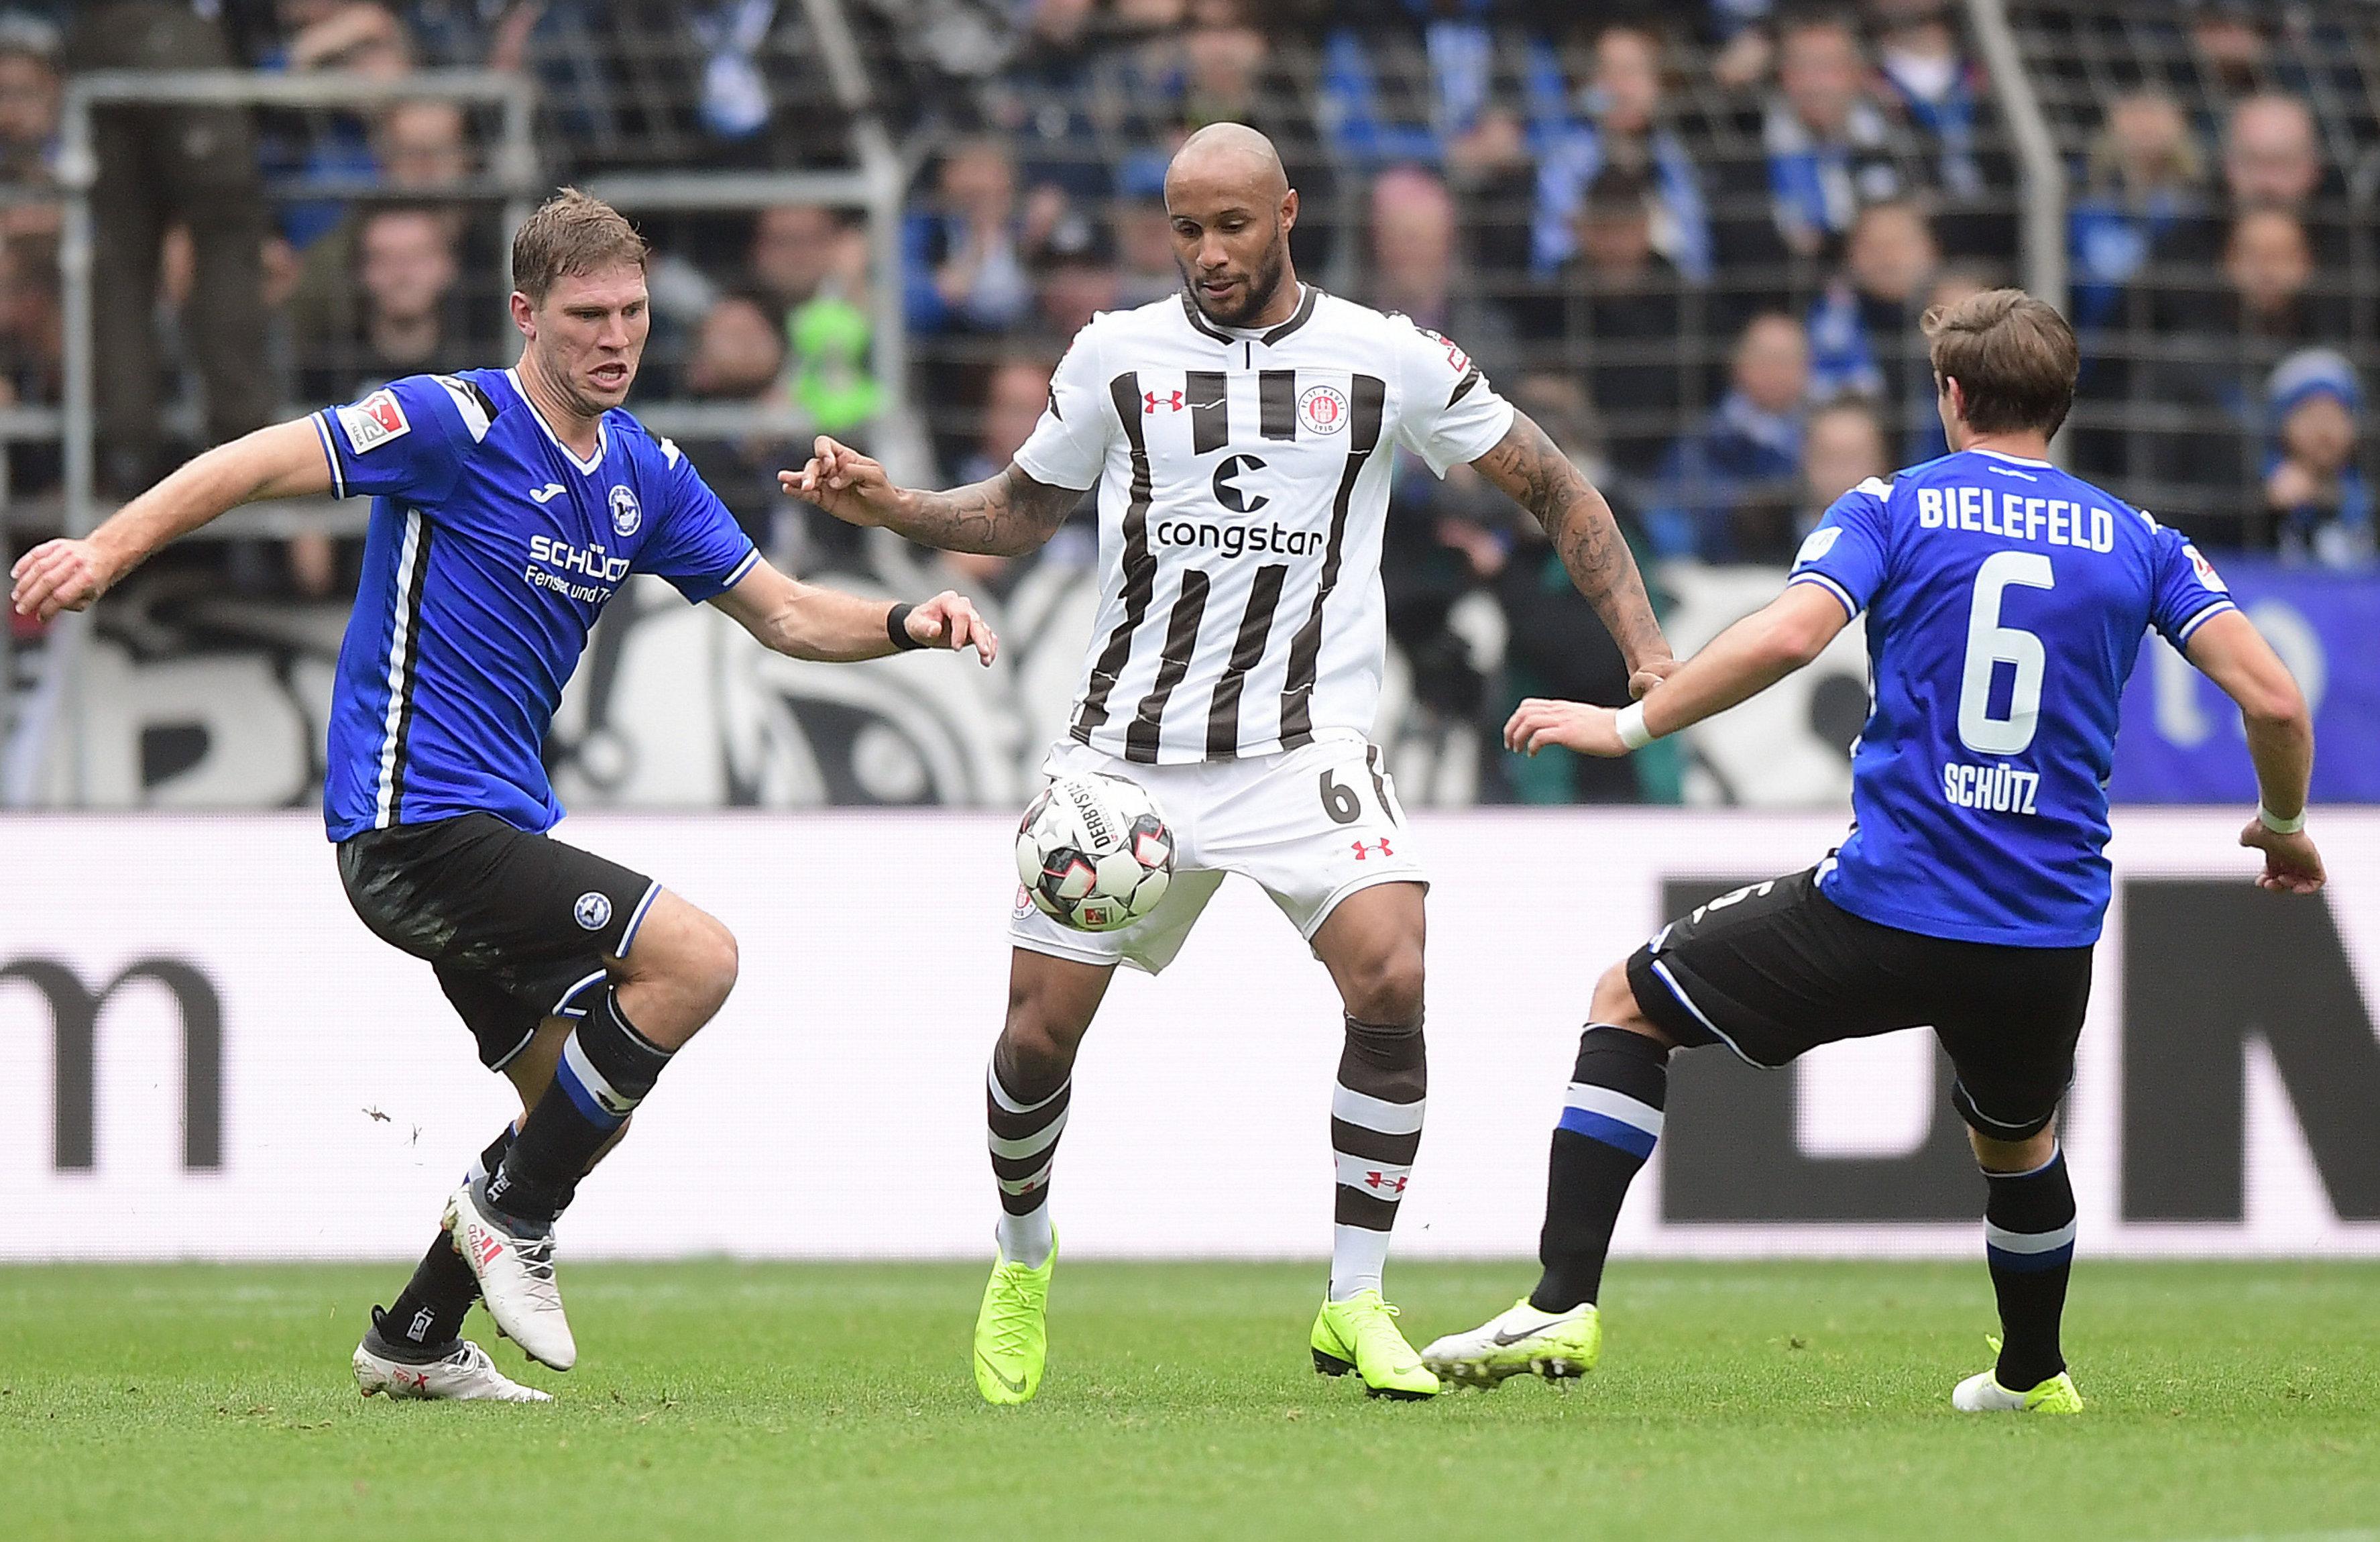 Heimspiele gegen Bielefeld, Regensburg & Bochum - Infos zum Tageskartenverkauf